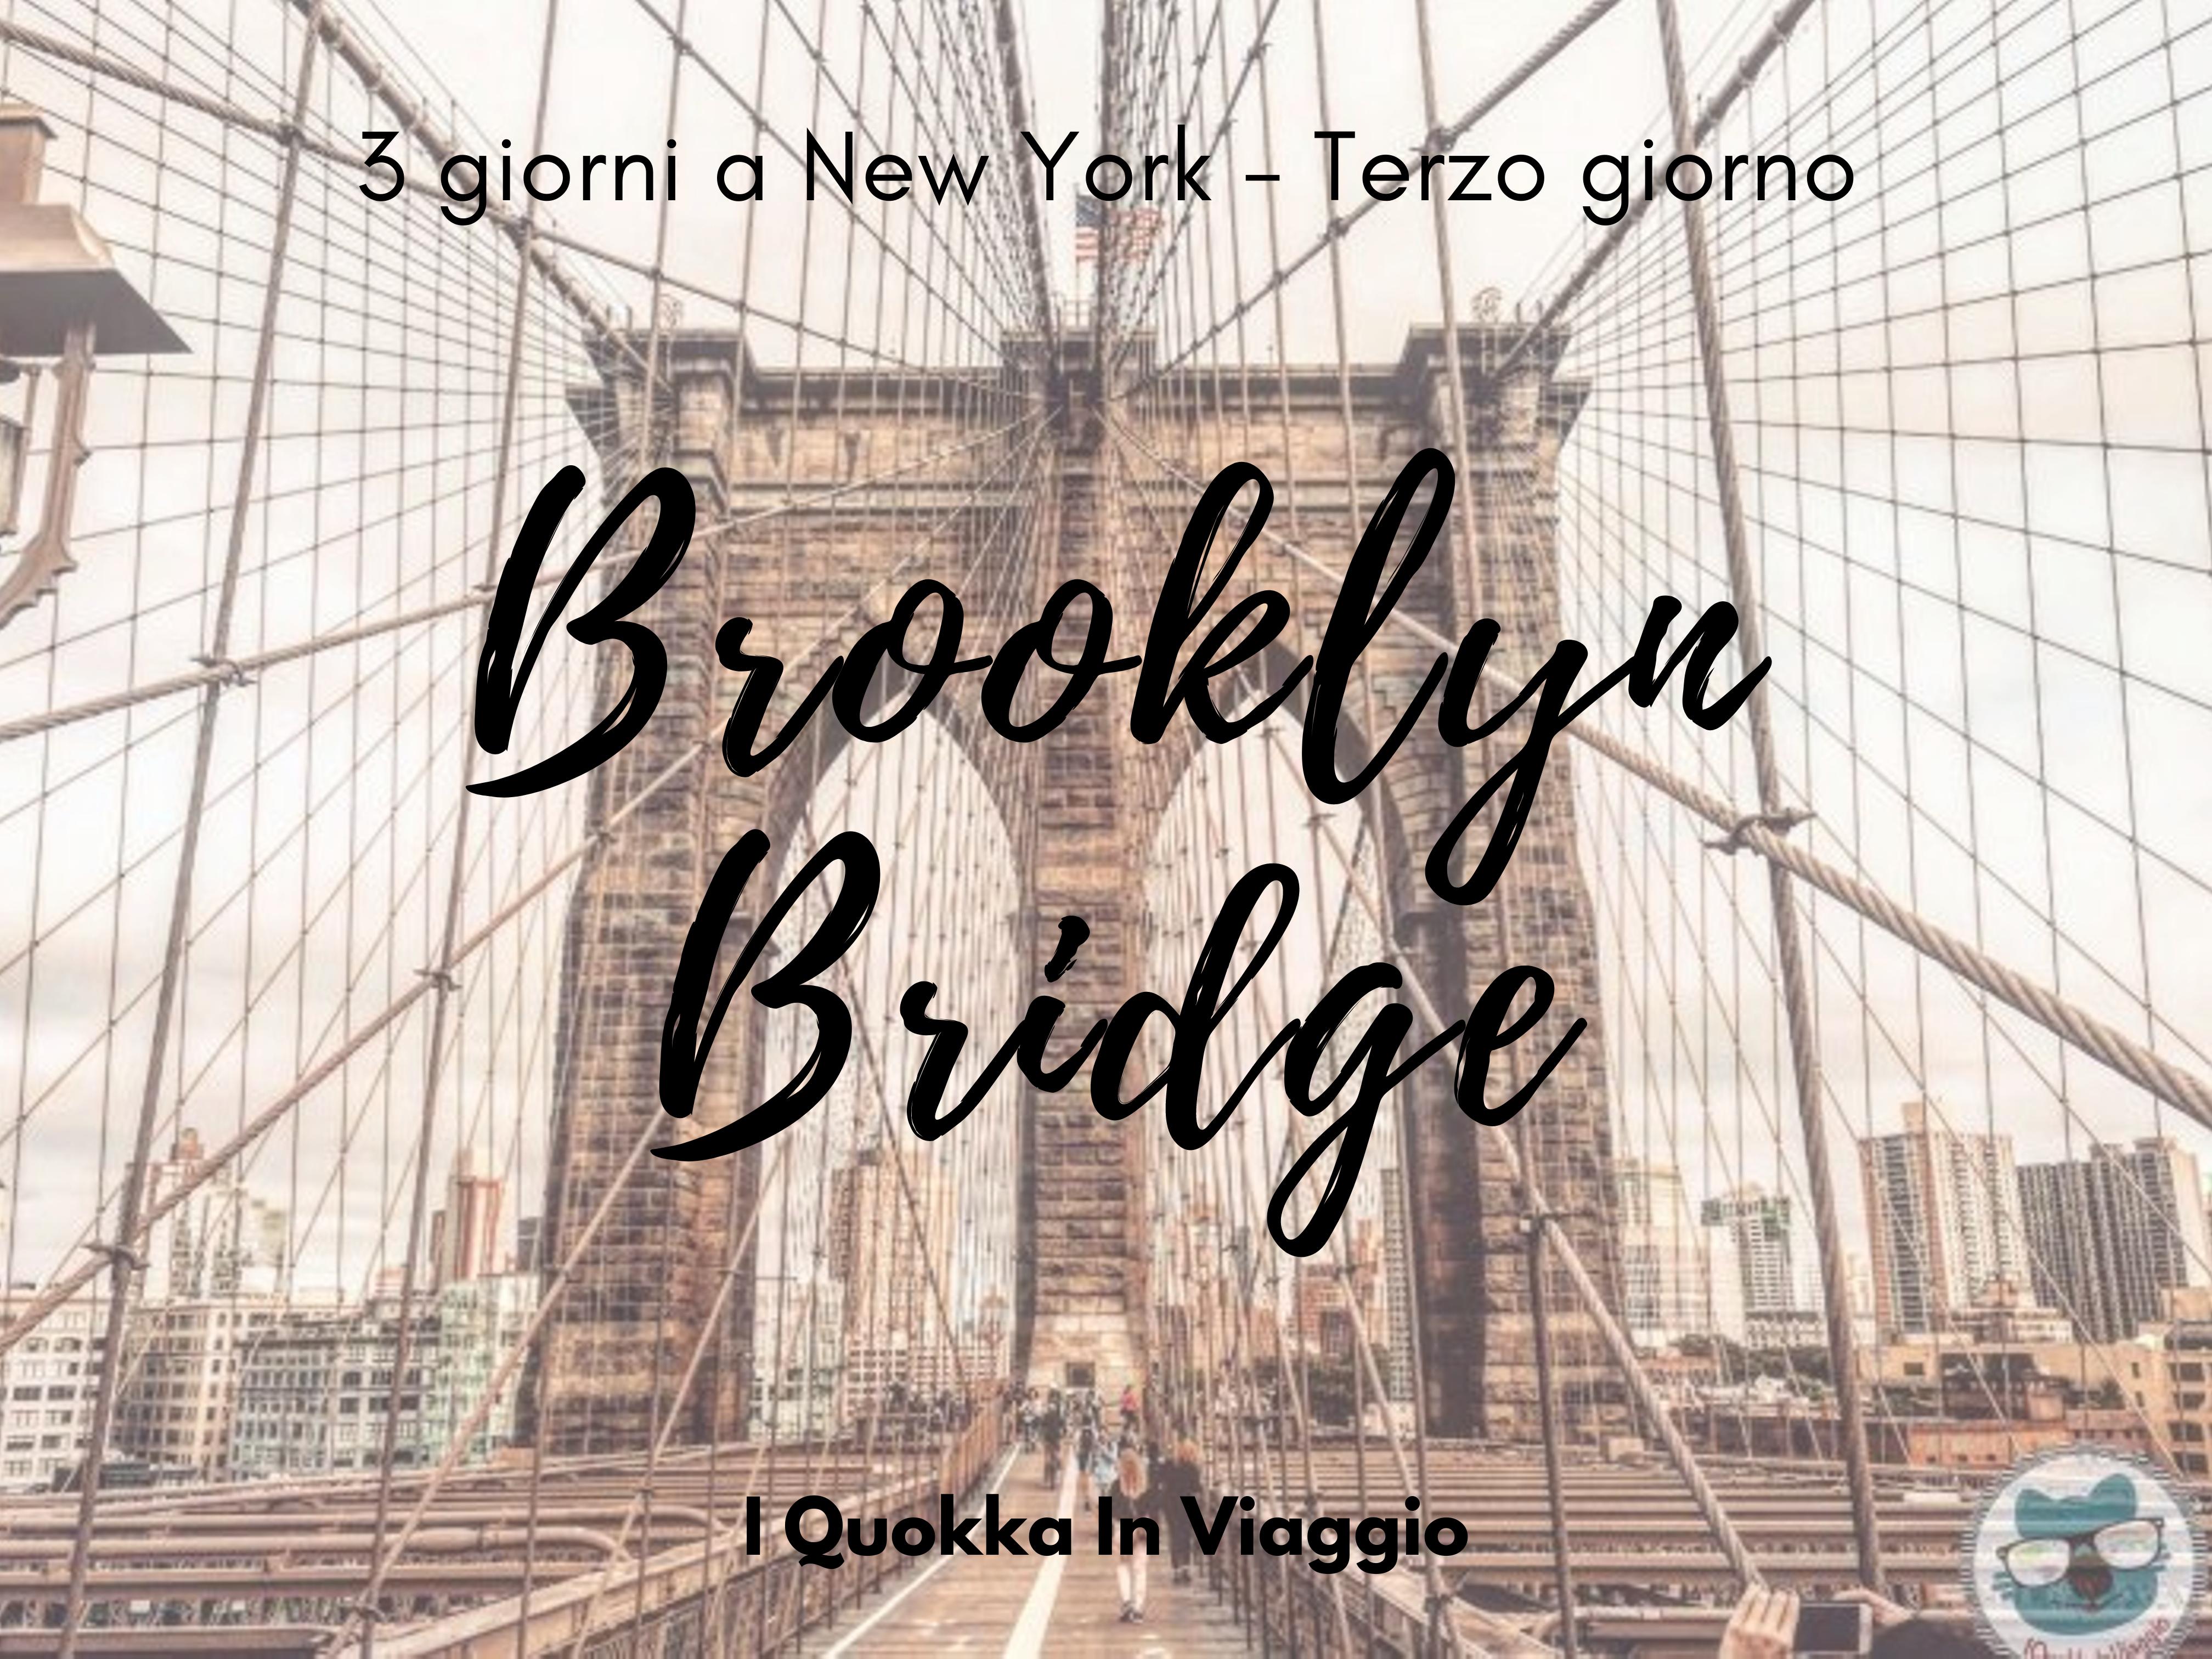 3 giorni a New York - Terzo giorno